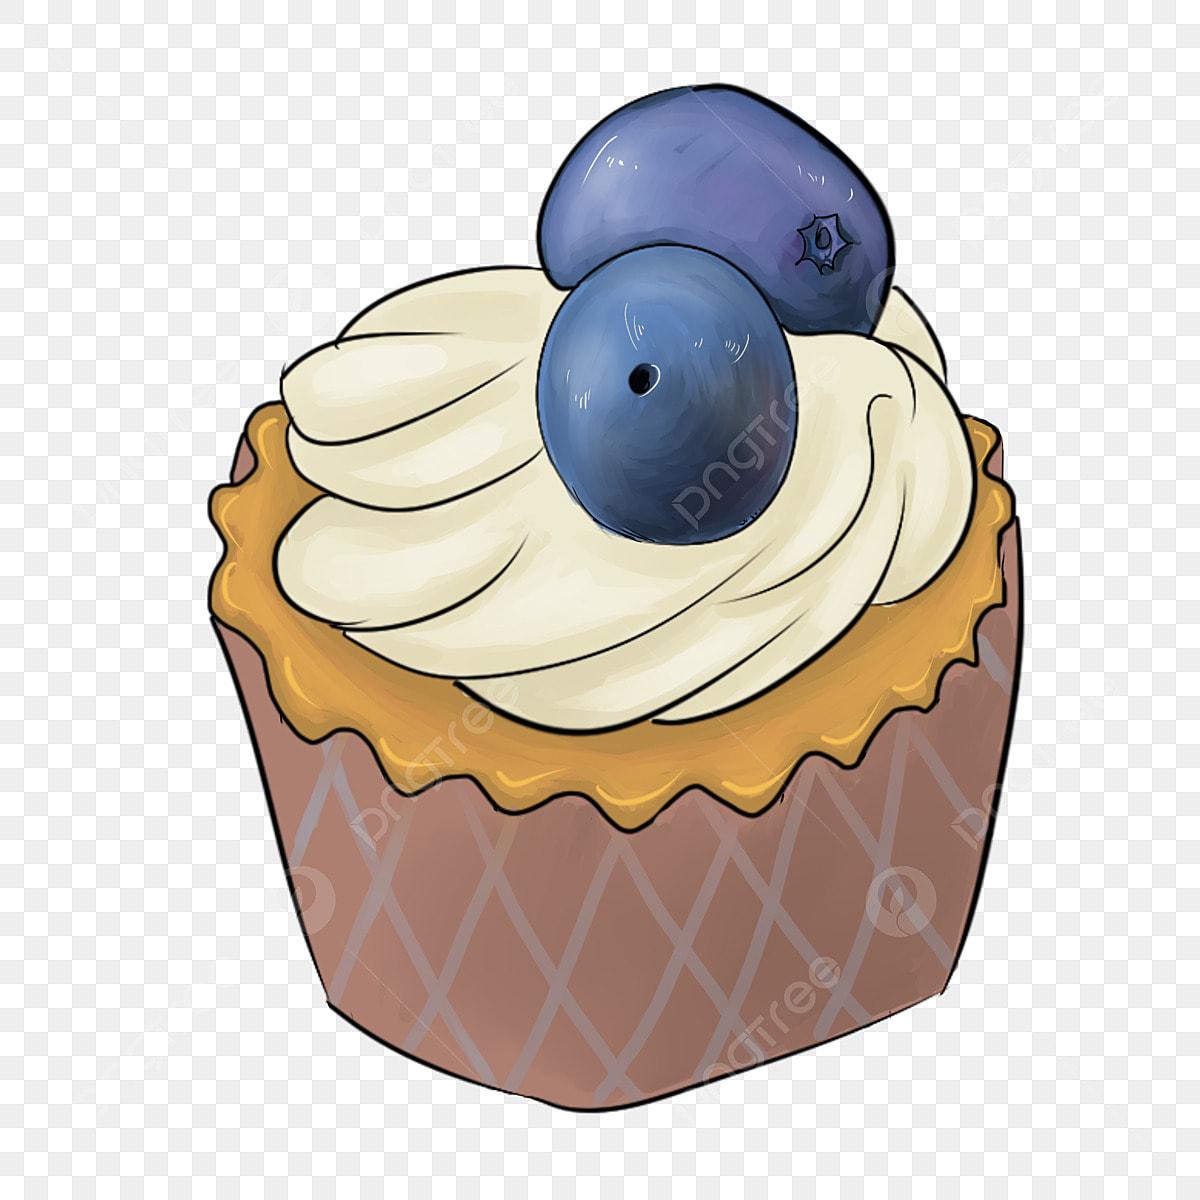 لذيذ كيك الحلوى أثمر أثمر الحلوى Png وملف Psd للتحميل مجانا